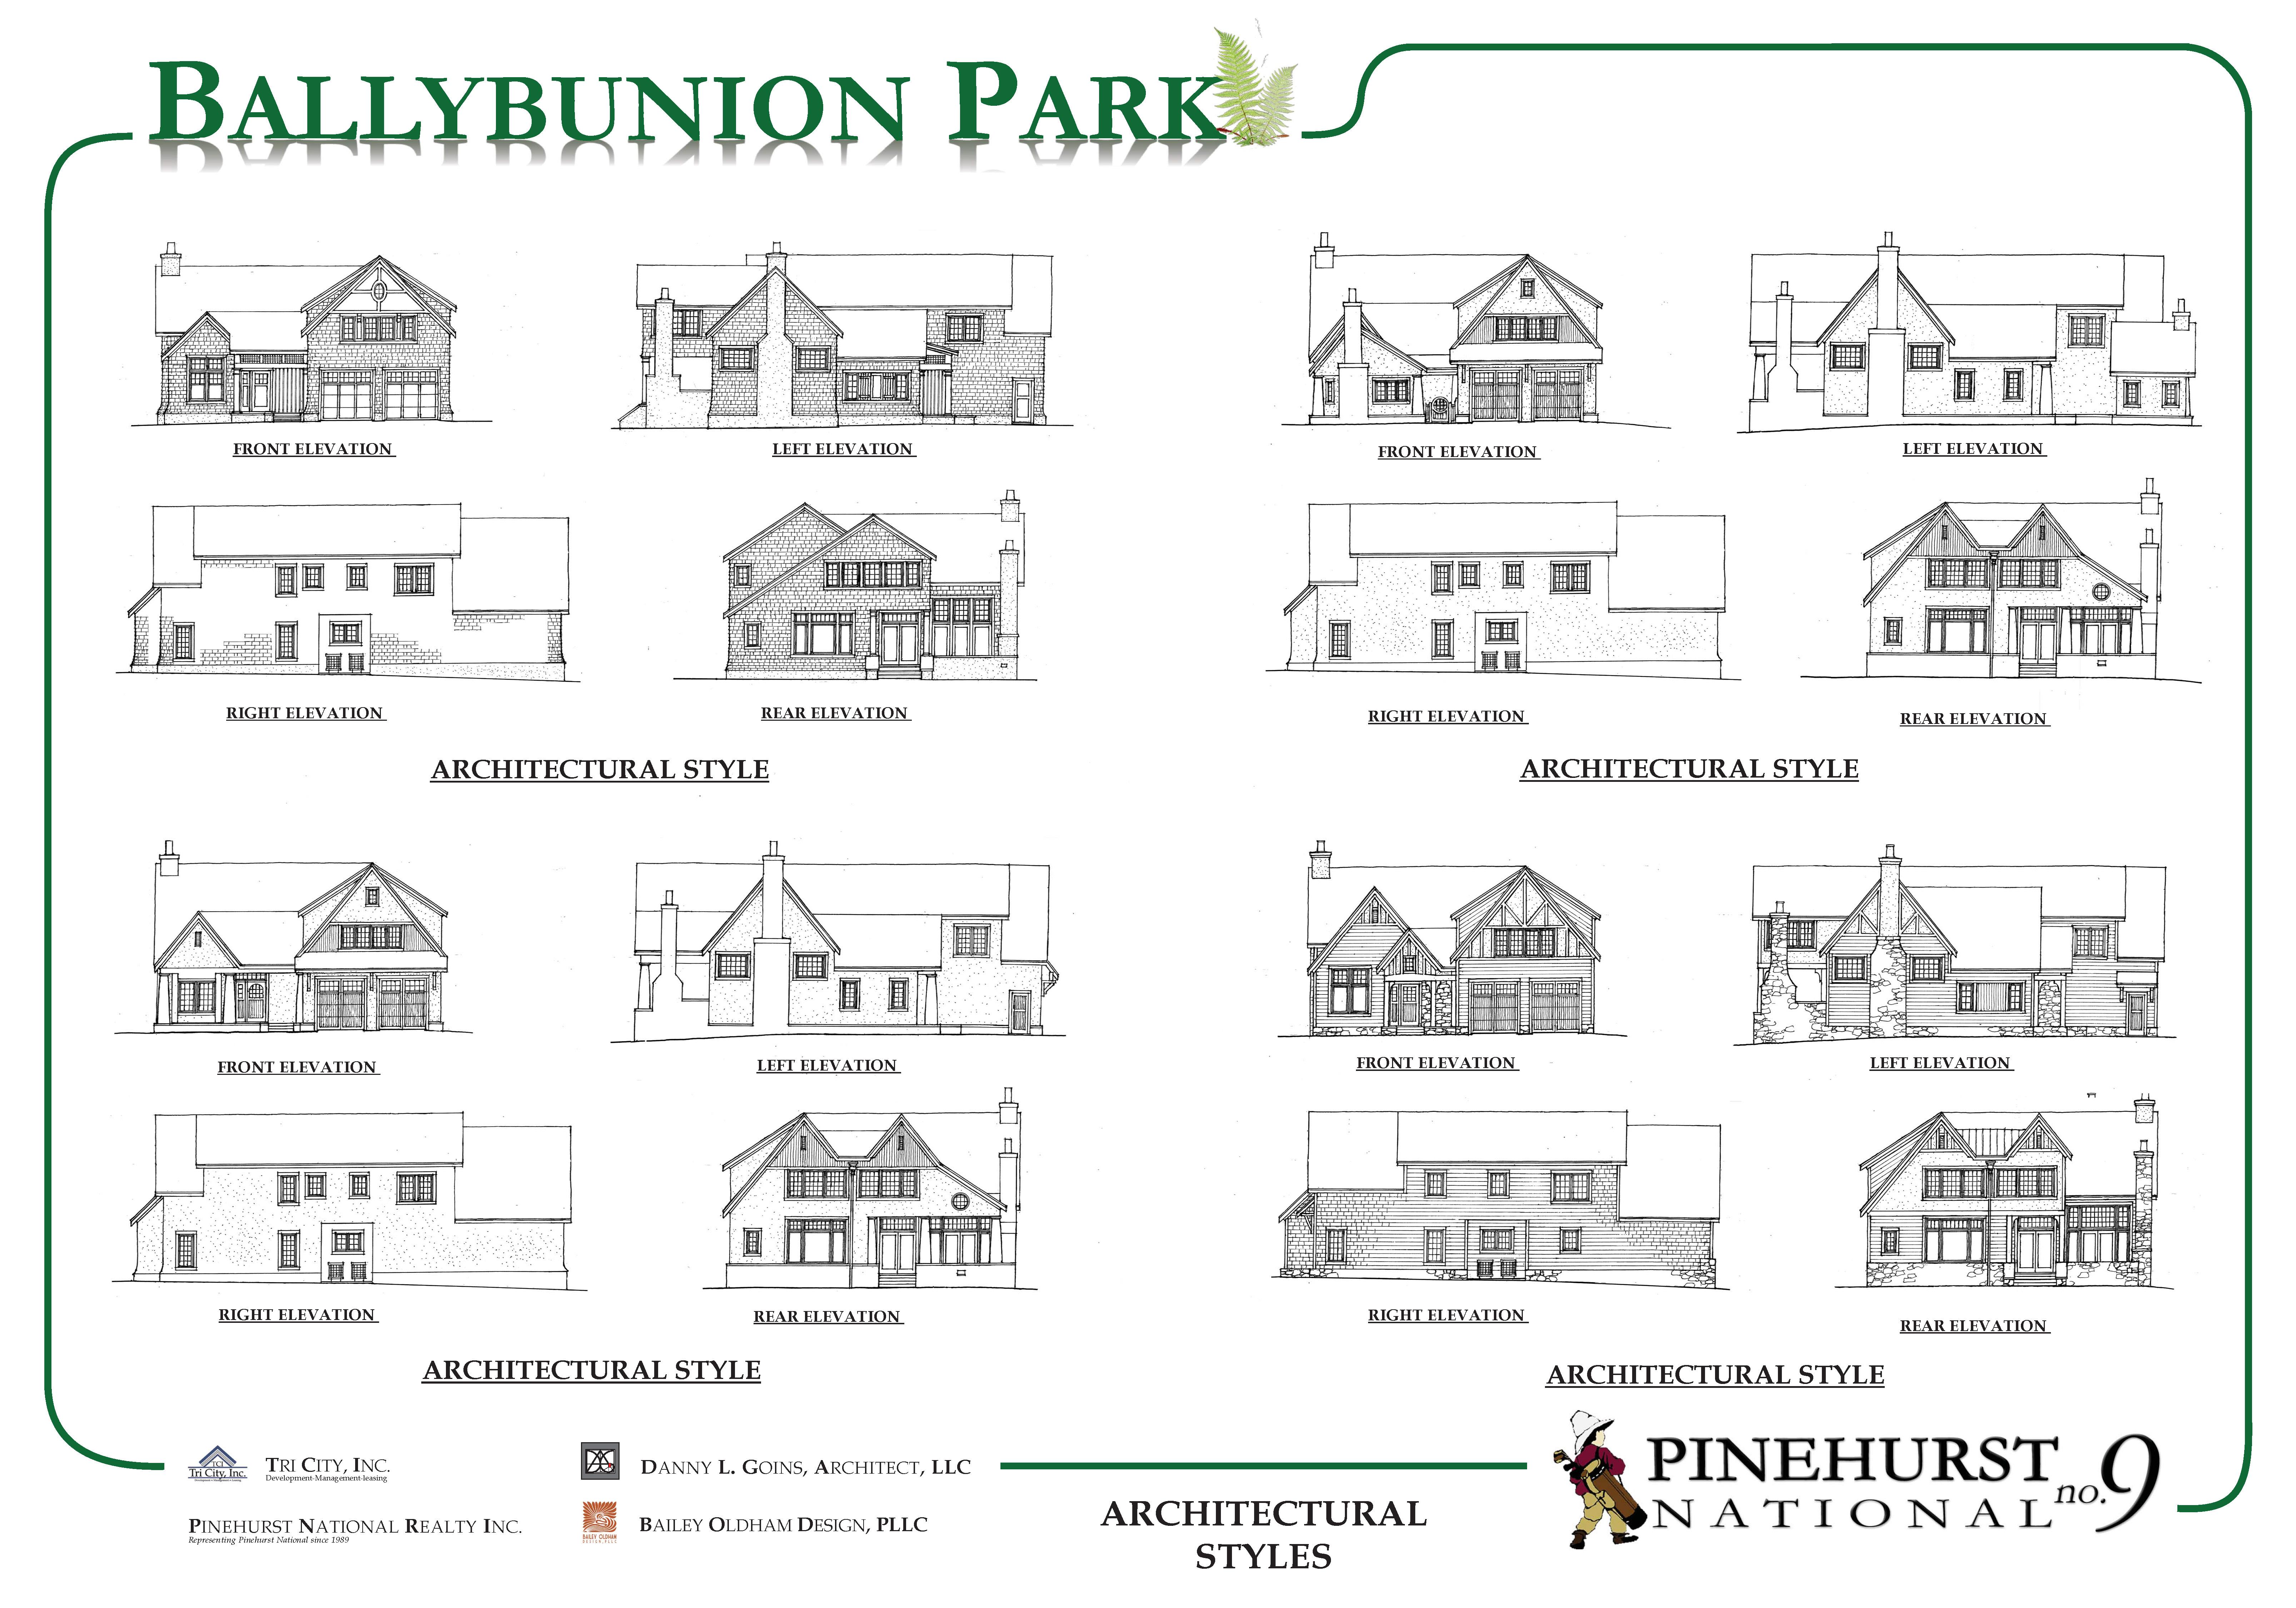 Ballybunion Binder_Page_14